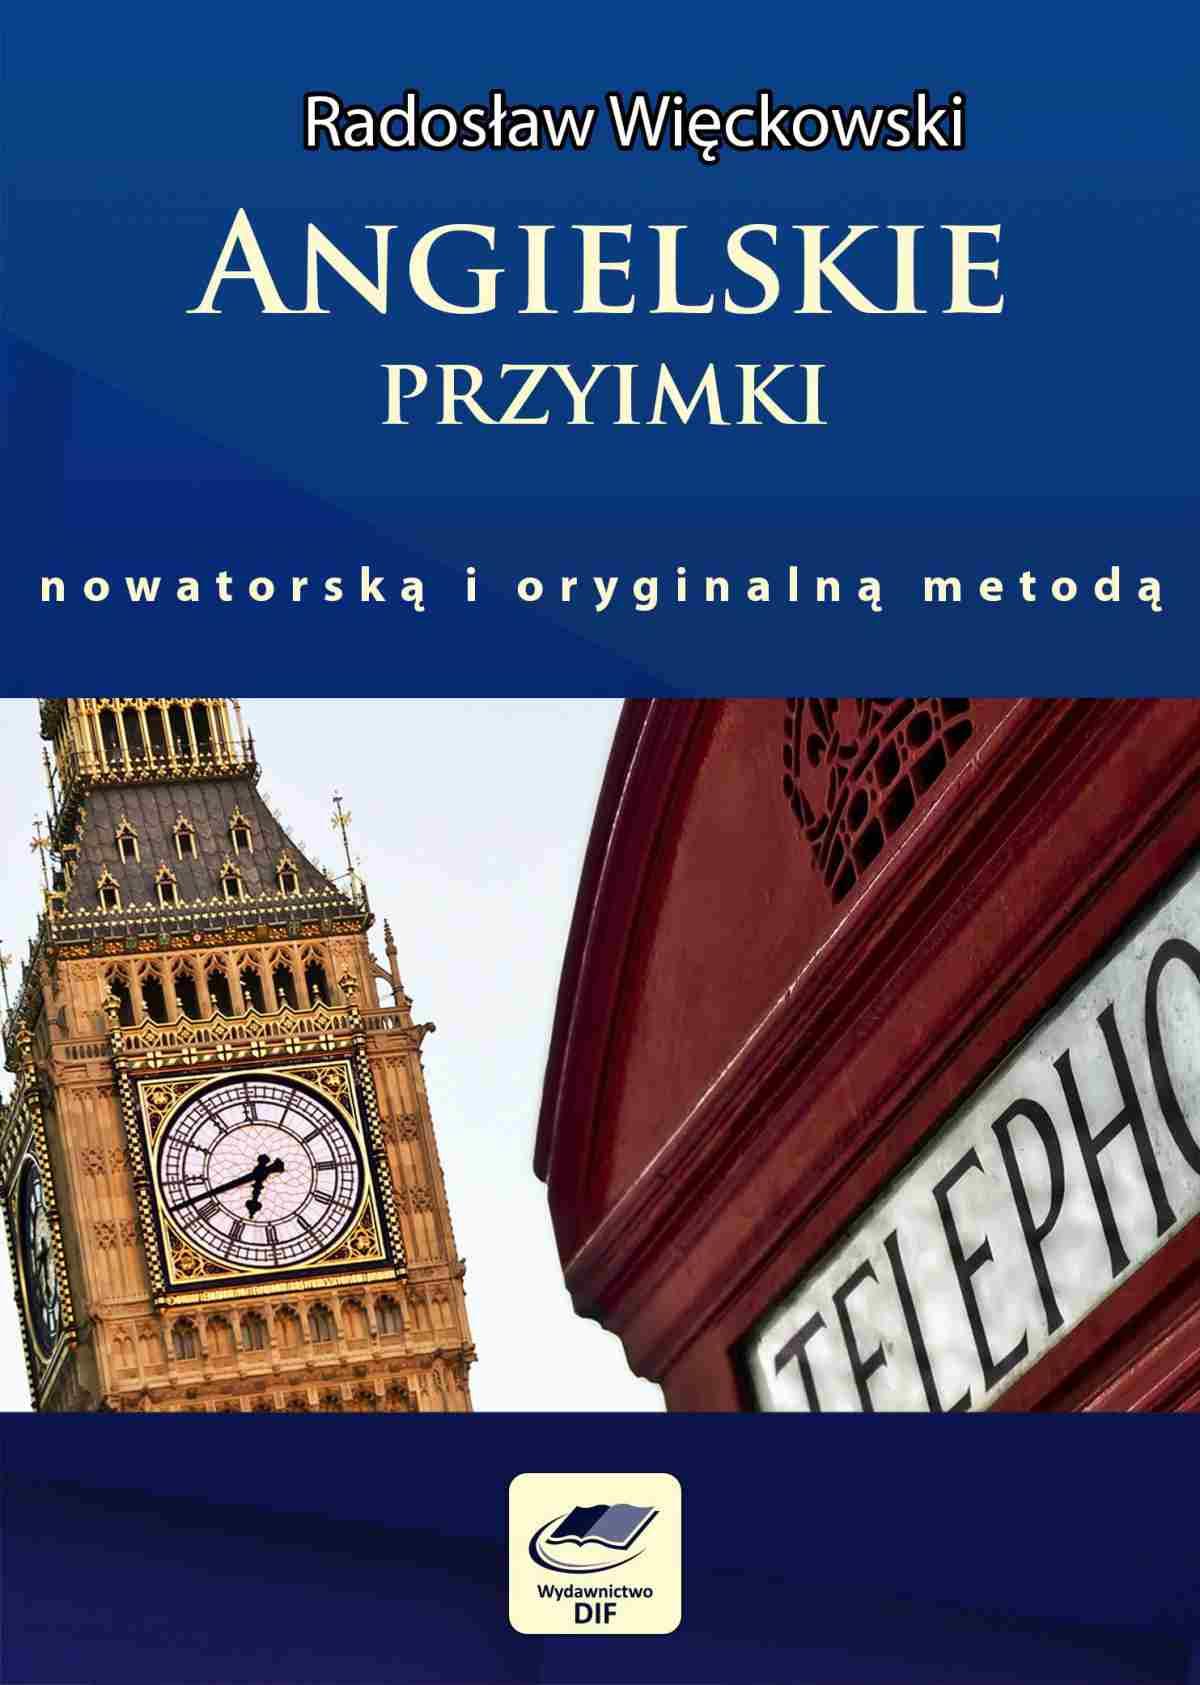 Angielskie przyimki nowatorską i oryginalną metodą - Ebook (Książka PDF) do pobrania w formacie PDF